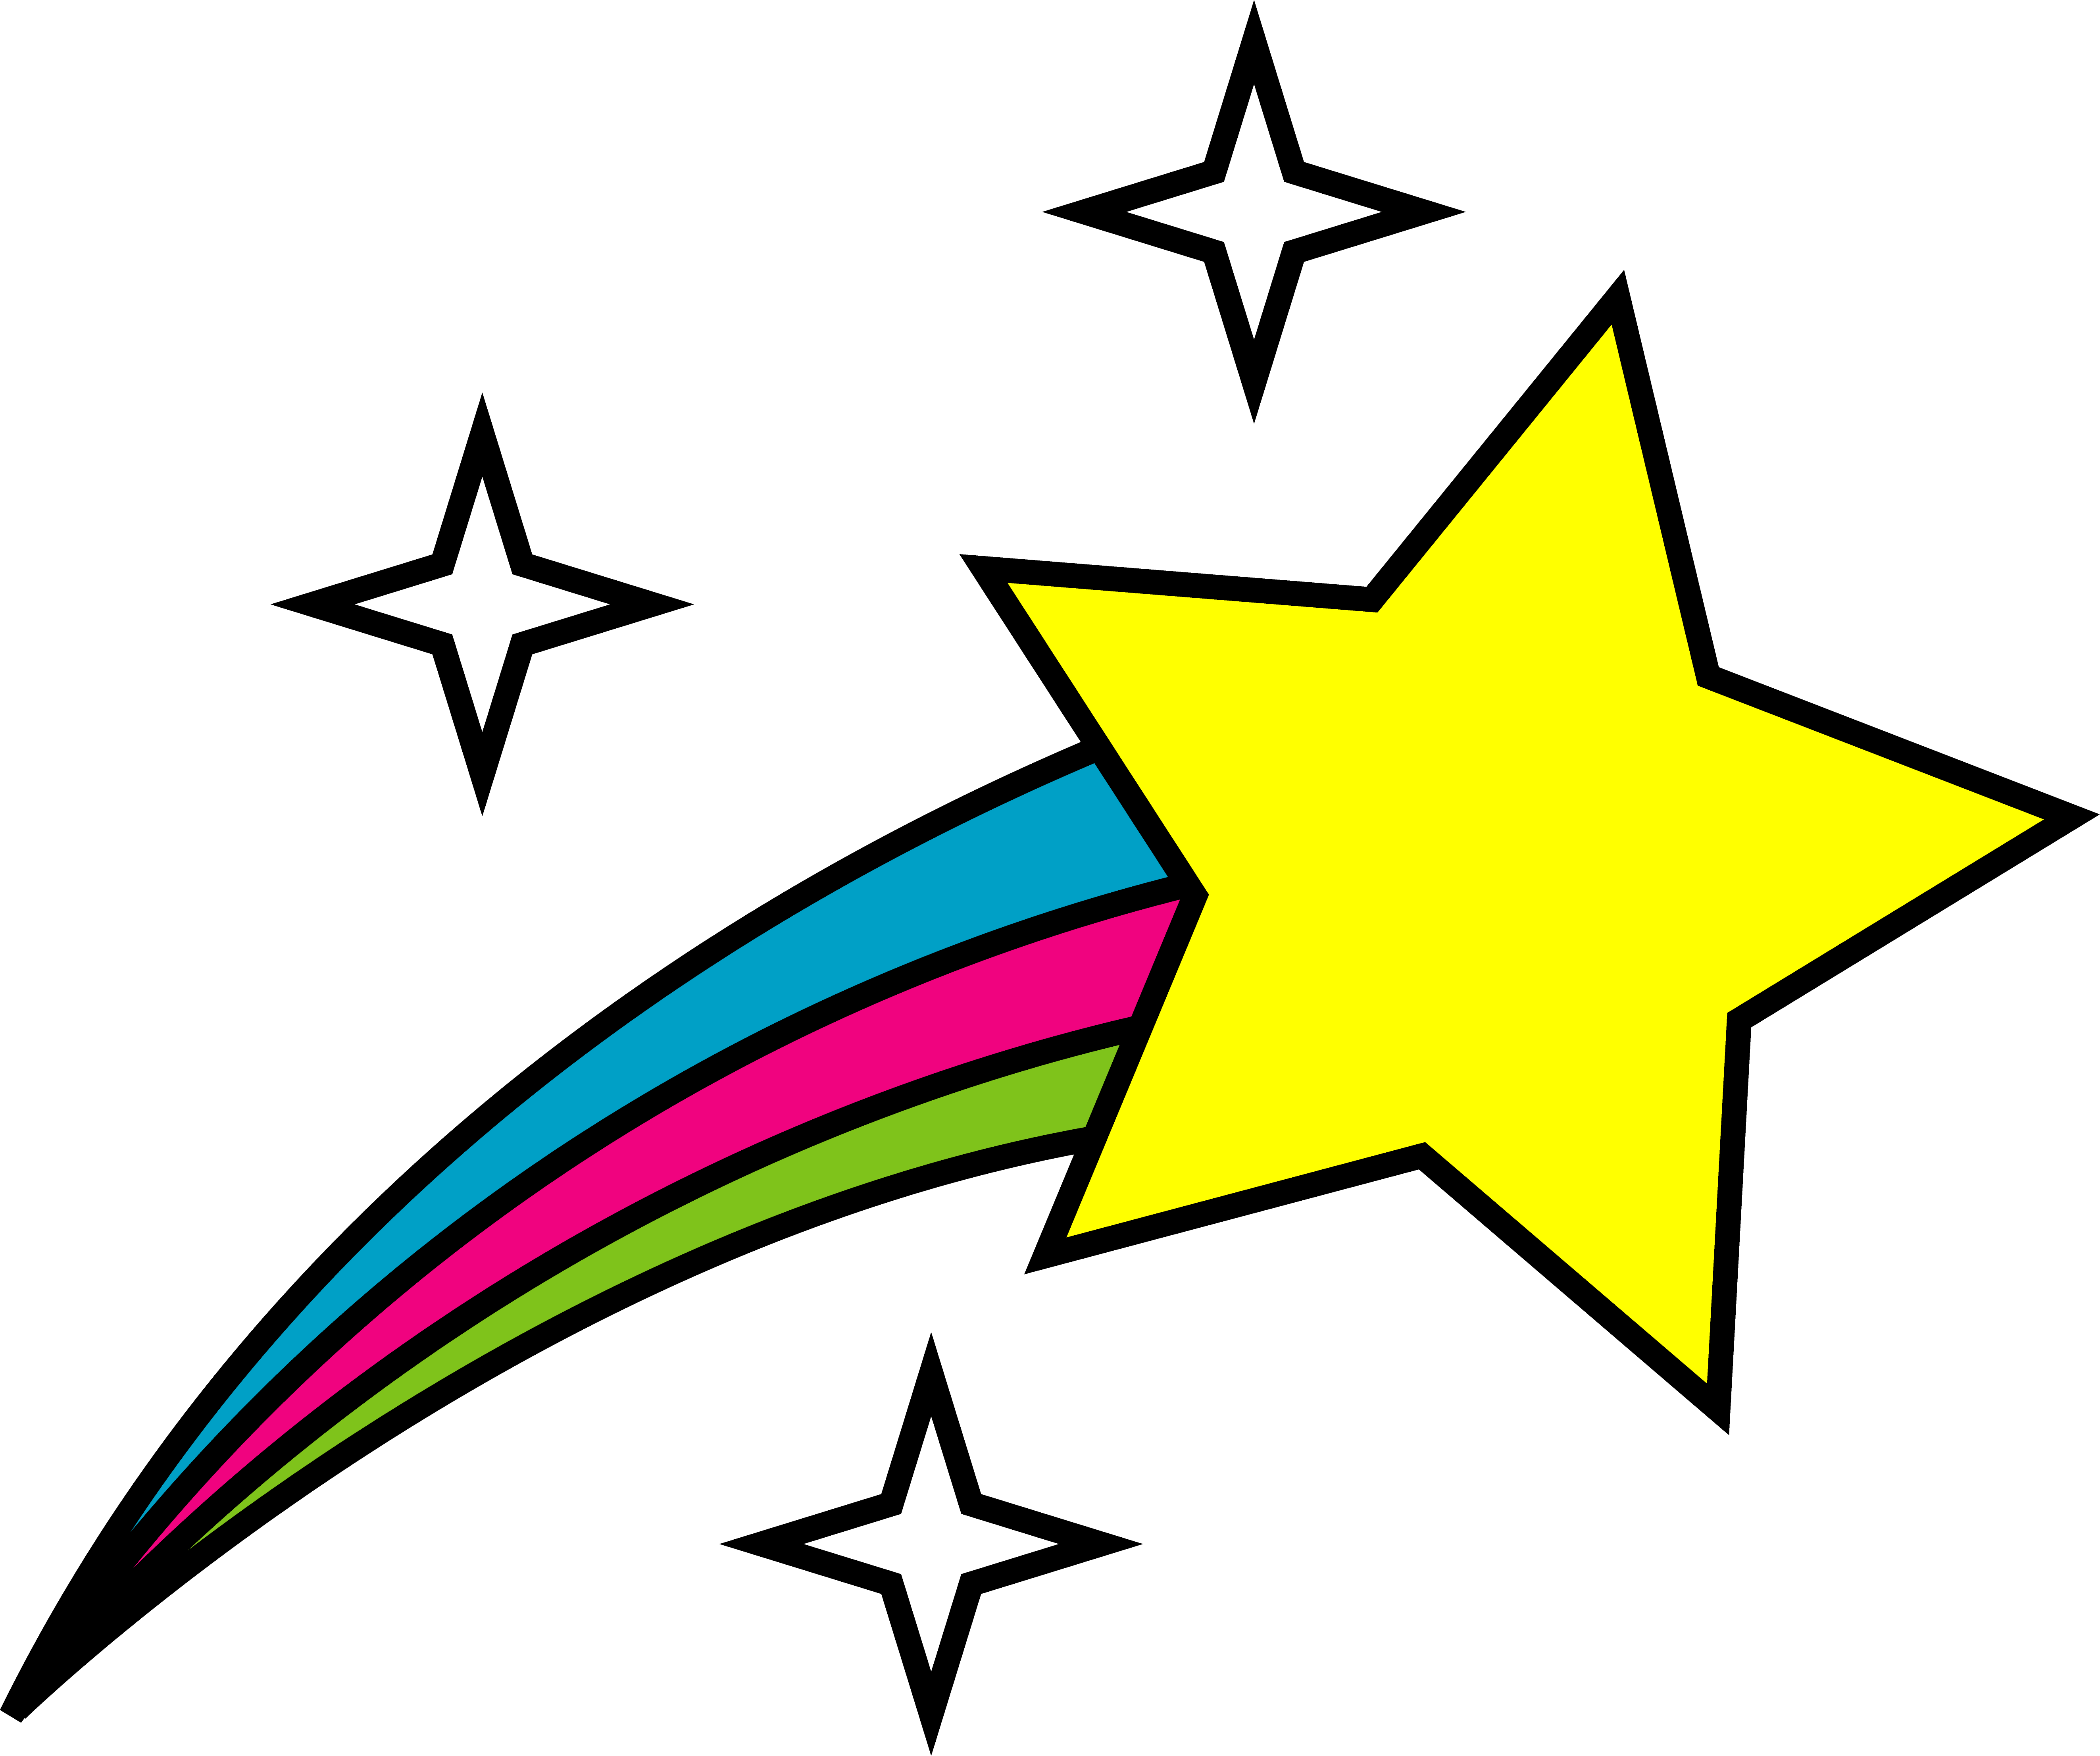 http://images.clipartpanda.com/stars-clip-art-jcxEzgMcE.png